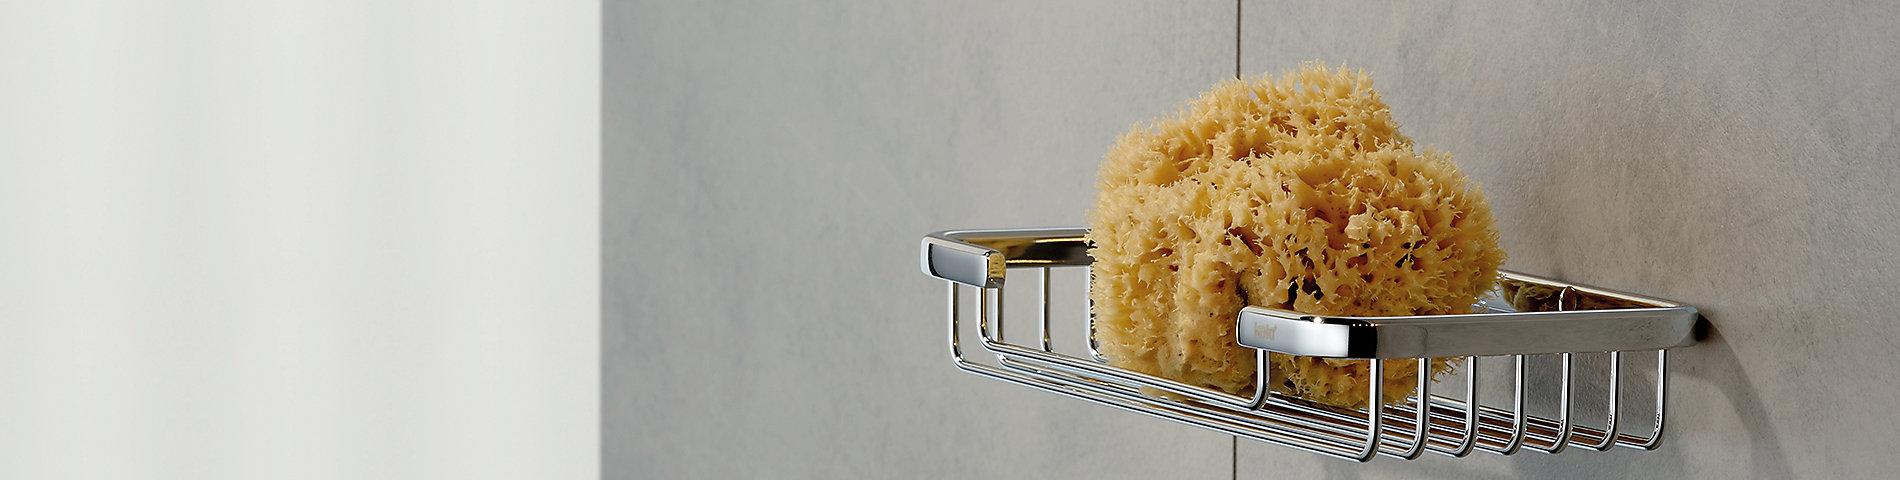 Duschvorhang, Duschablage und Duschregal für die Bad- und Duschausstattung